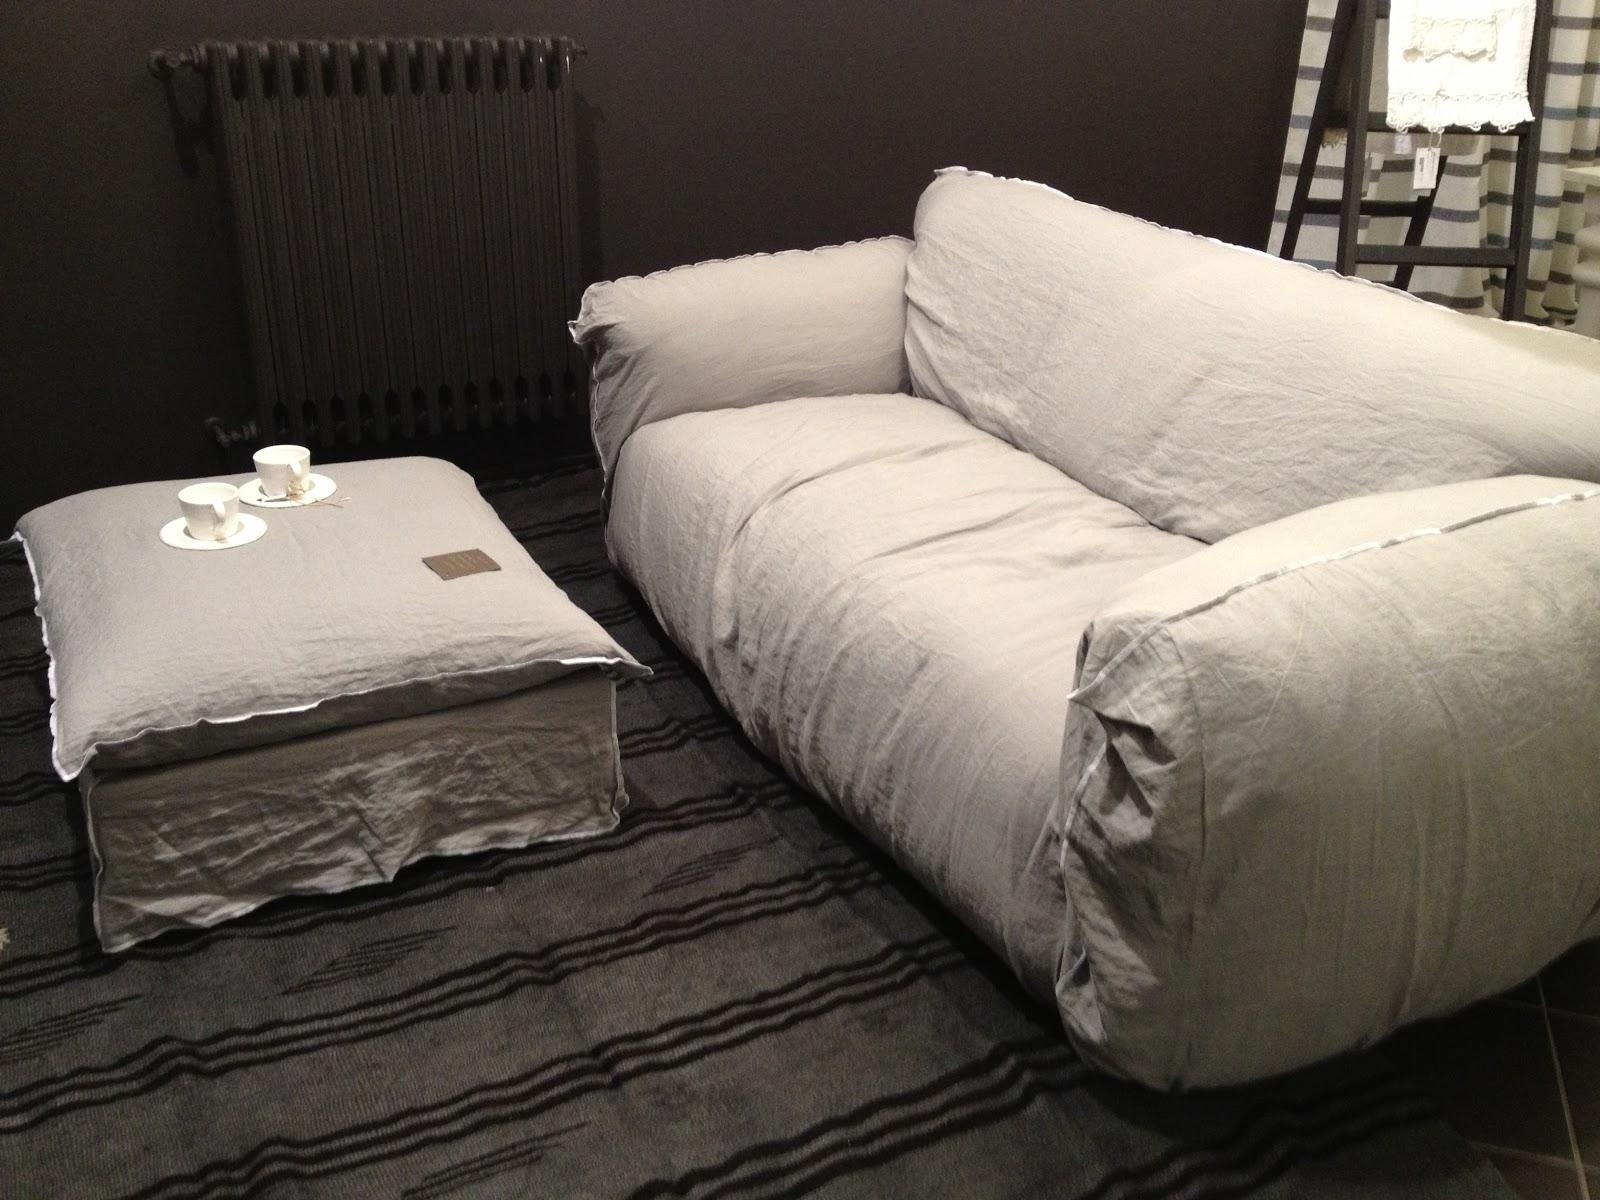 Tappezzeriebarbieripaolo white linen collezioni gervasoni - Gervasoni divano letto ...